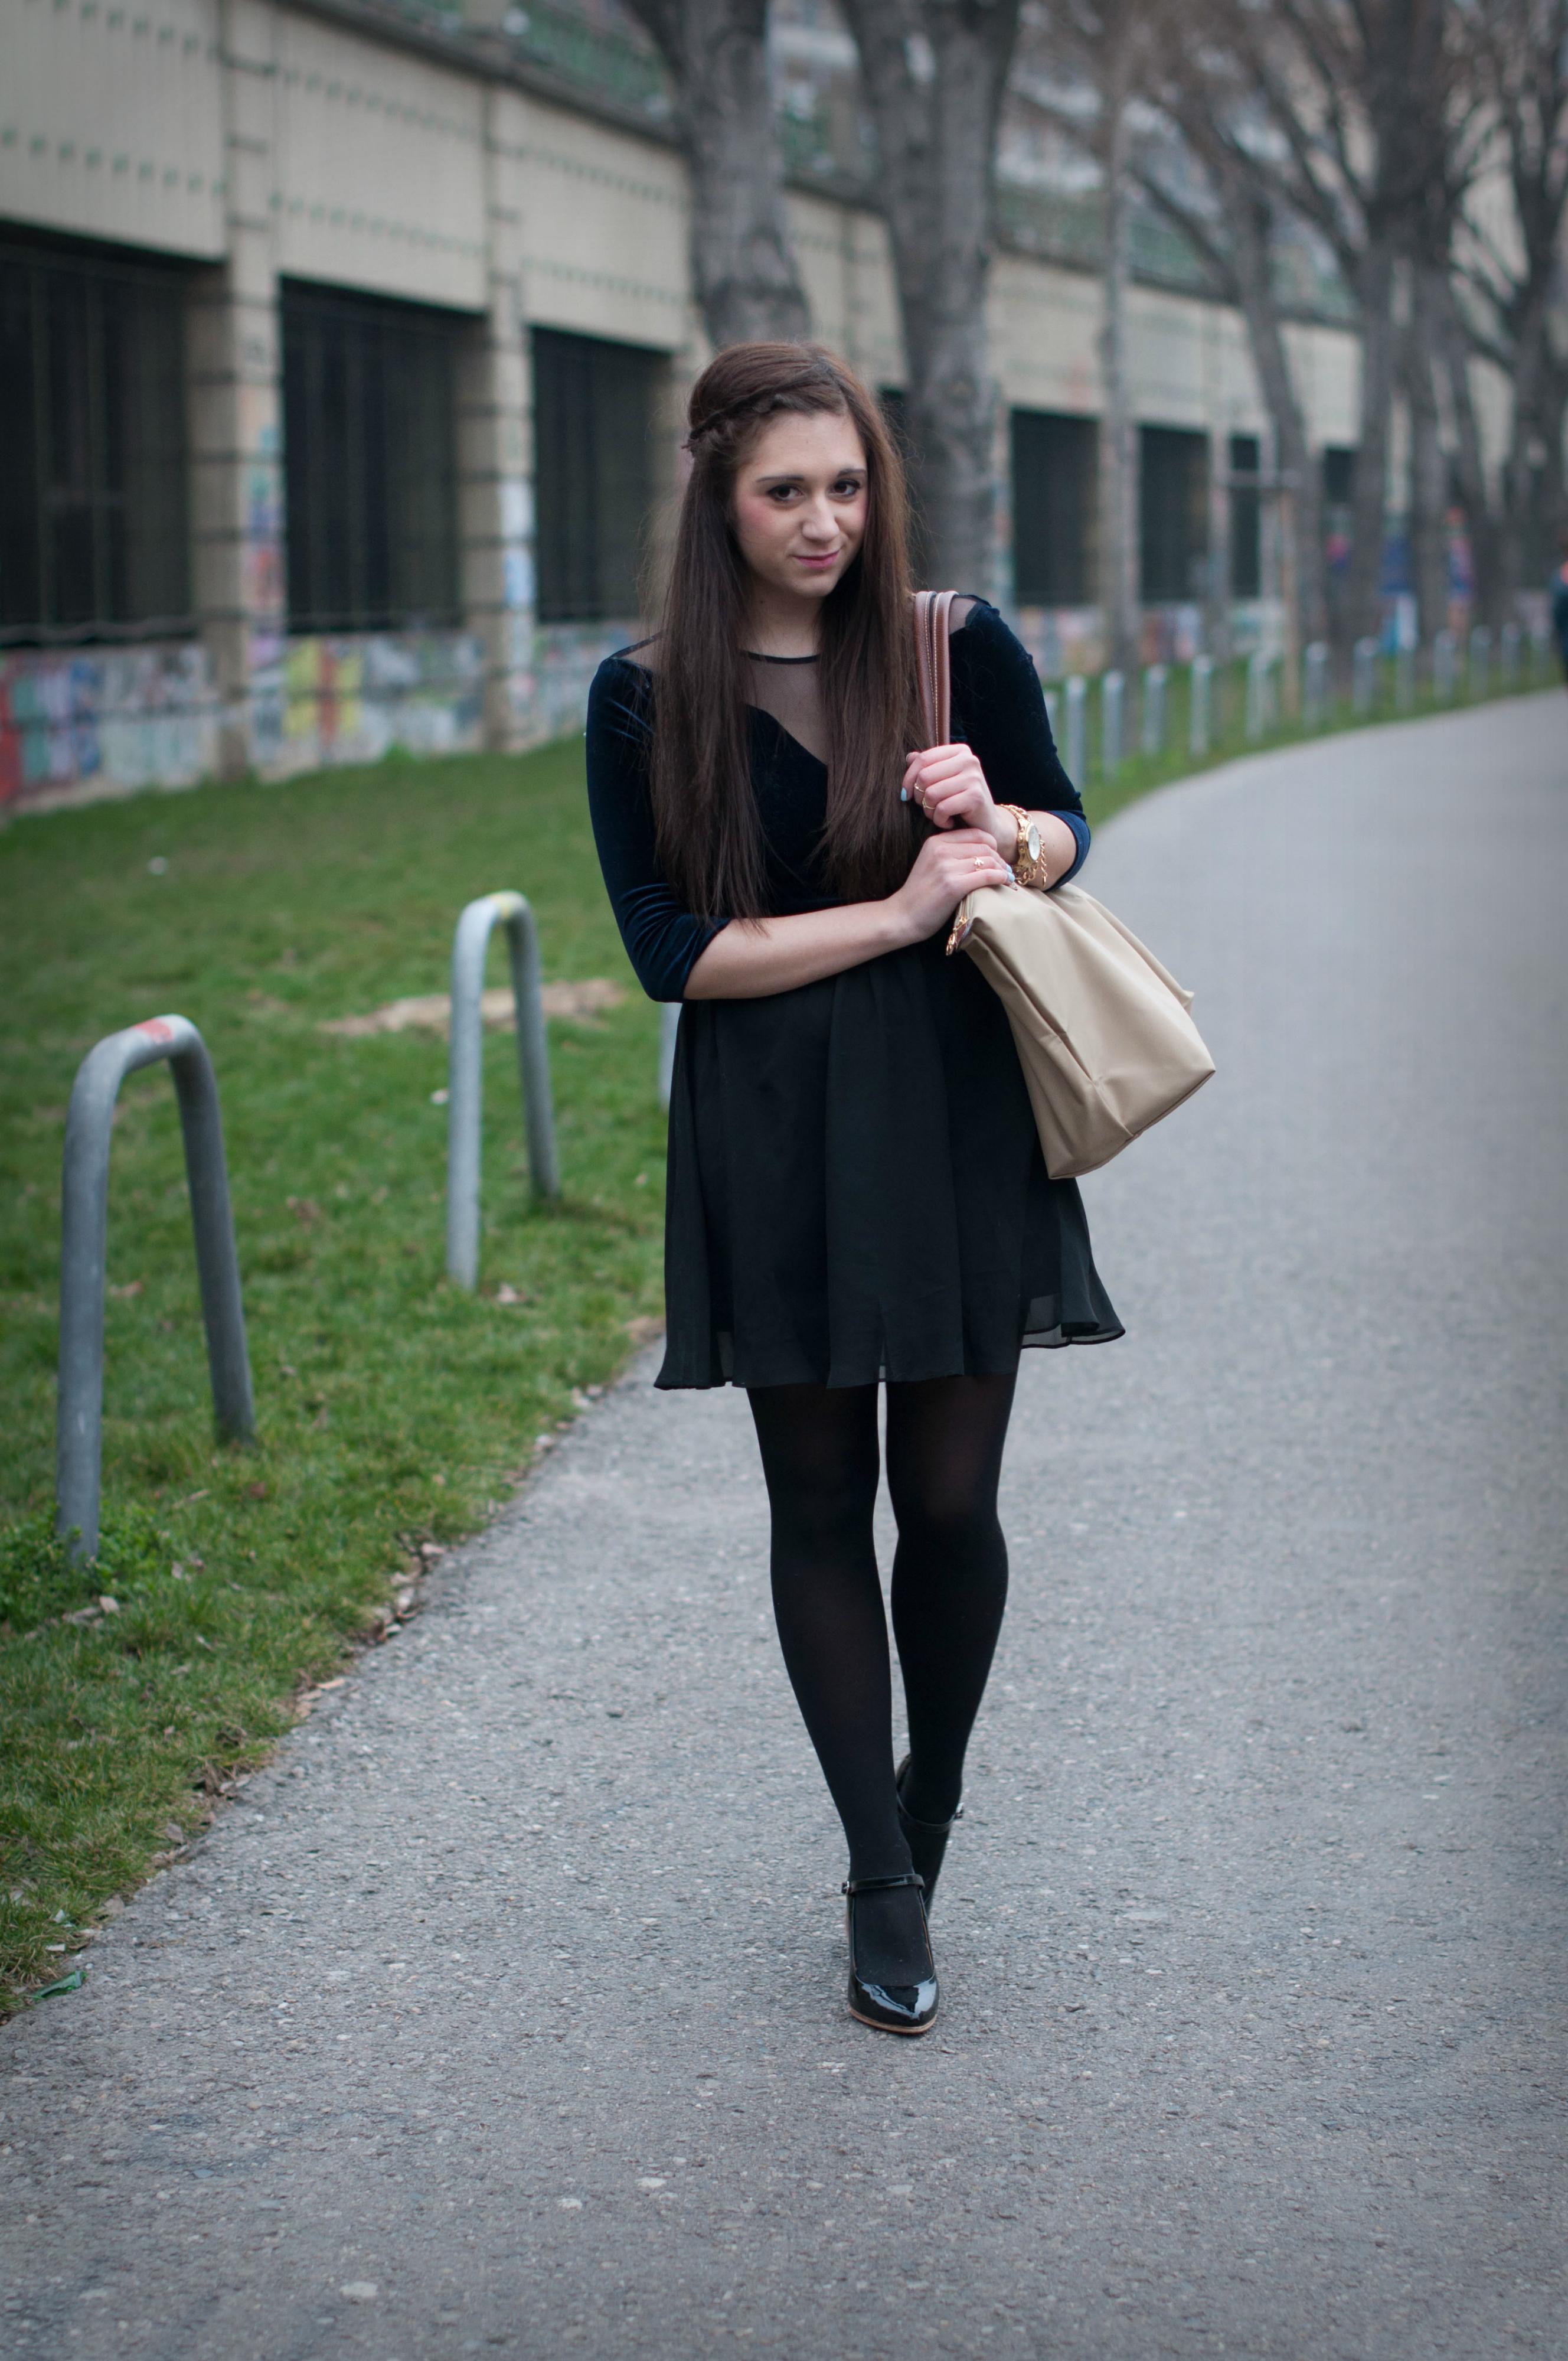 07.03.14_Beatrice_6